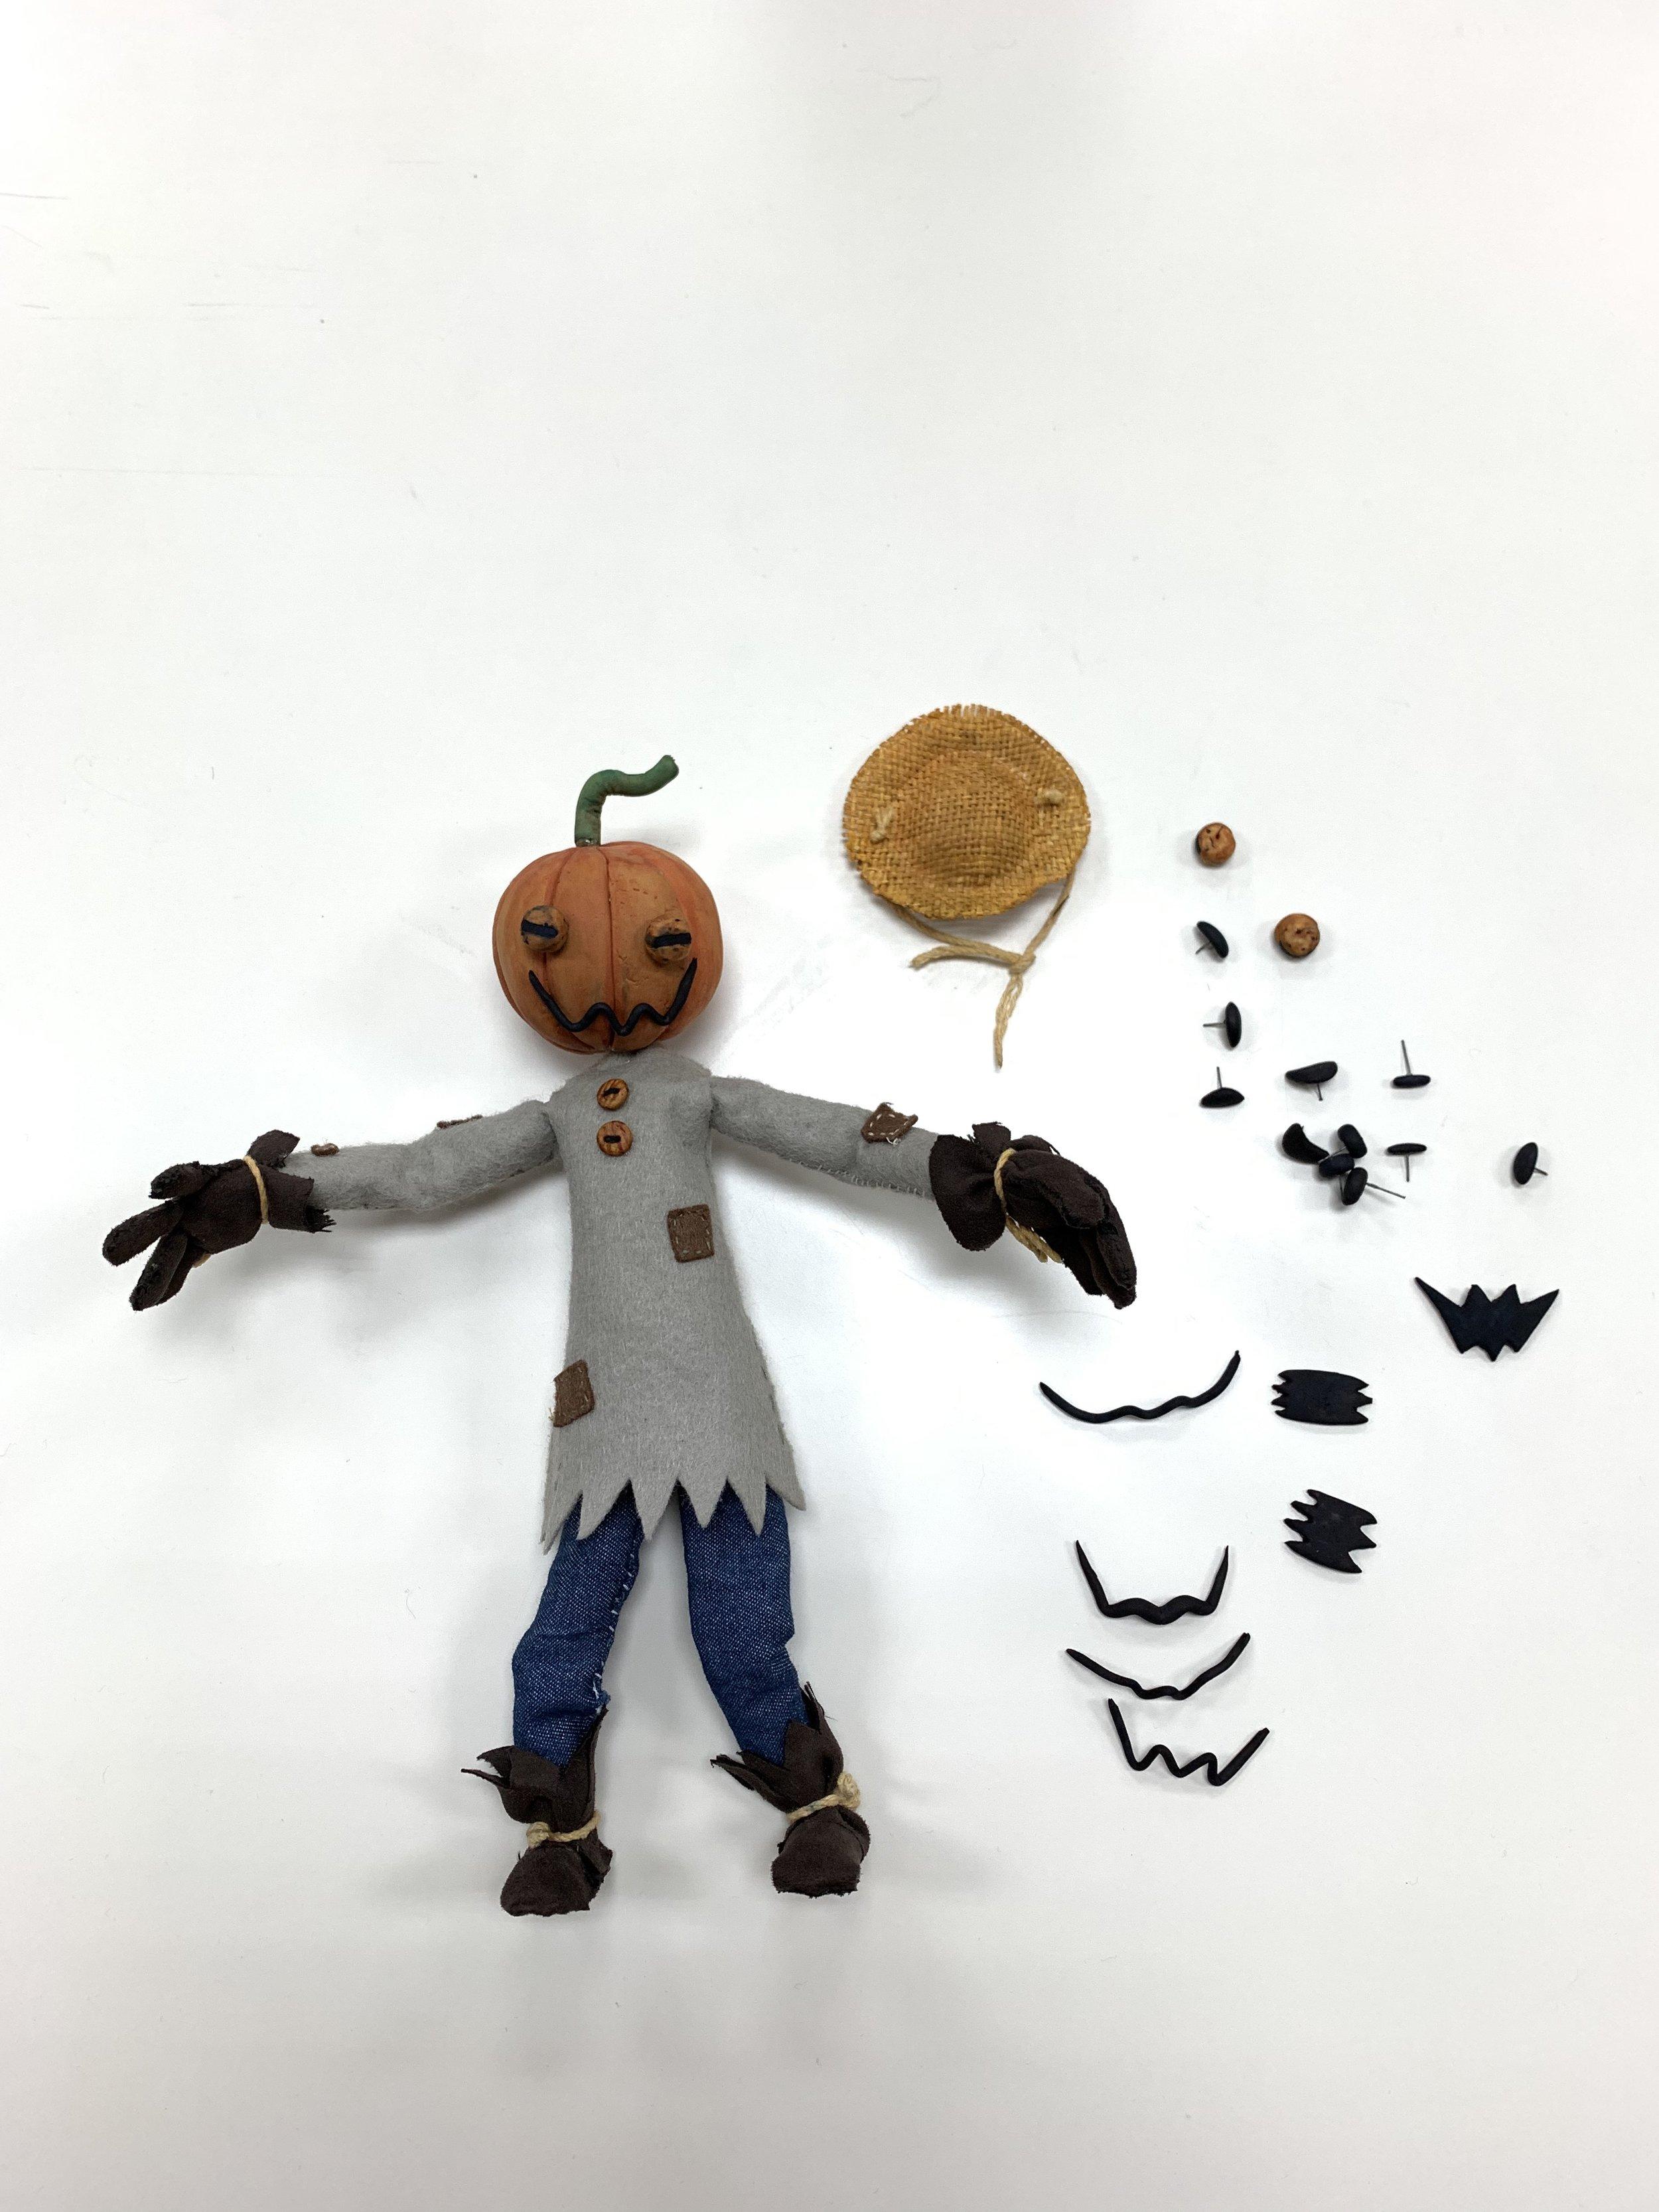 偶動畫製作 -  Puppet Animation, 四動二A D06370684 鄭亞庭